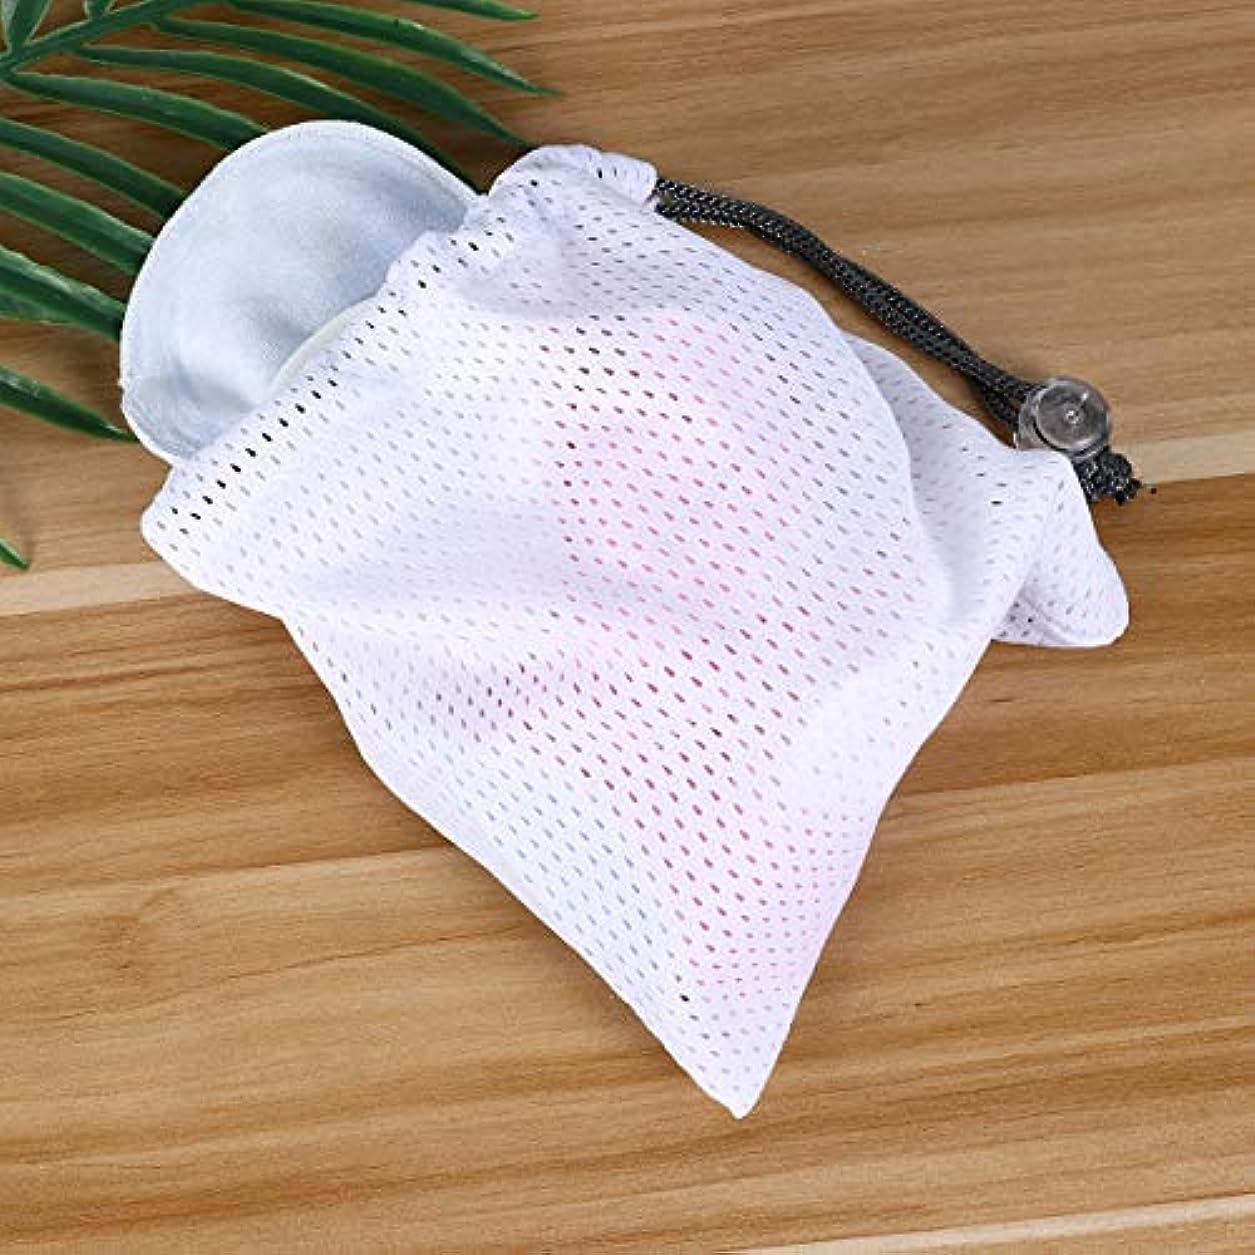 セマフォ捧げるカエルBeaupretty 17ピース再利用可能な竹繊維化粧落としパッド有機綿ラウンド洗える顔クレンジング布